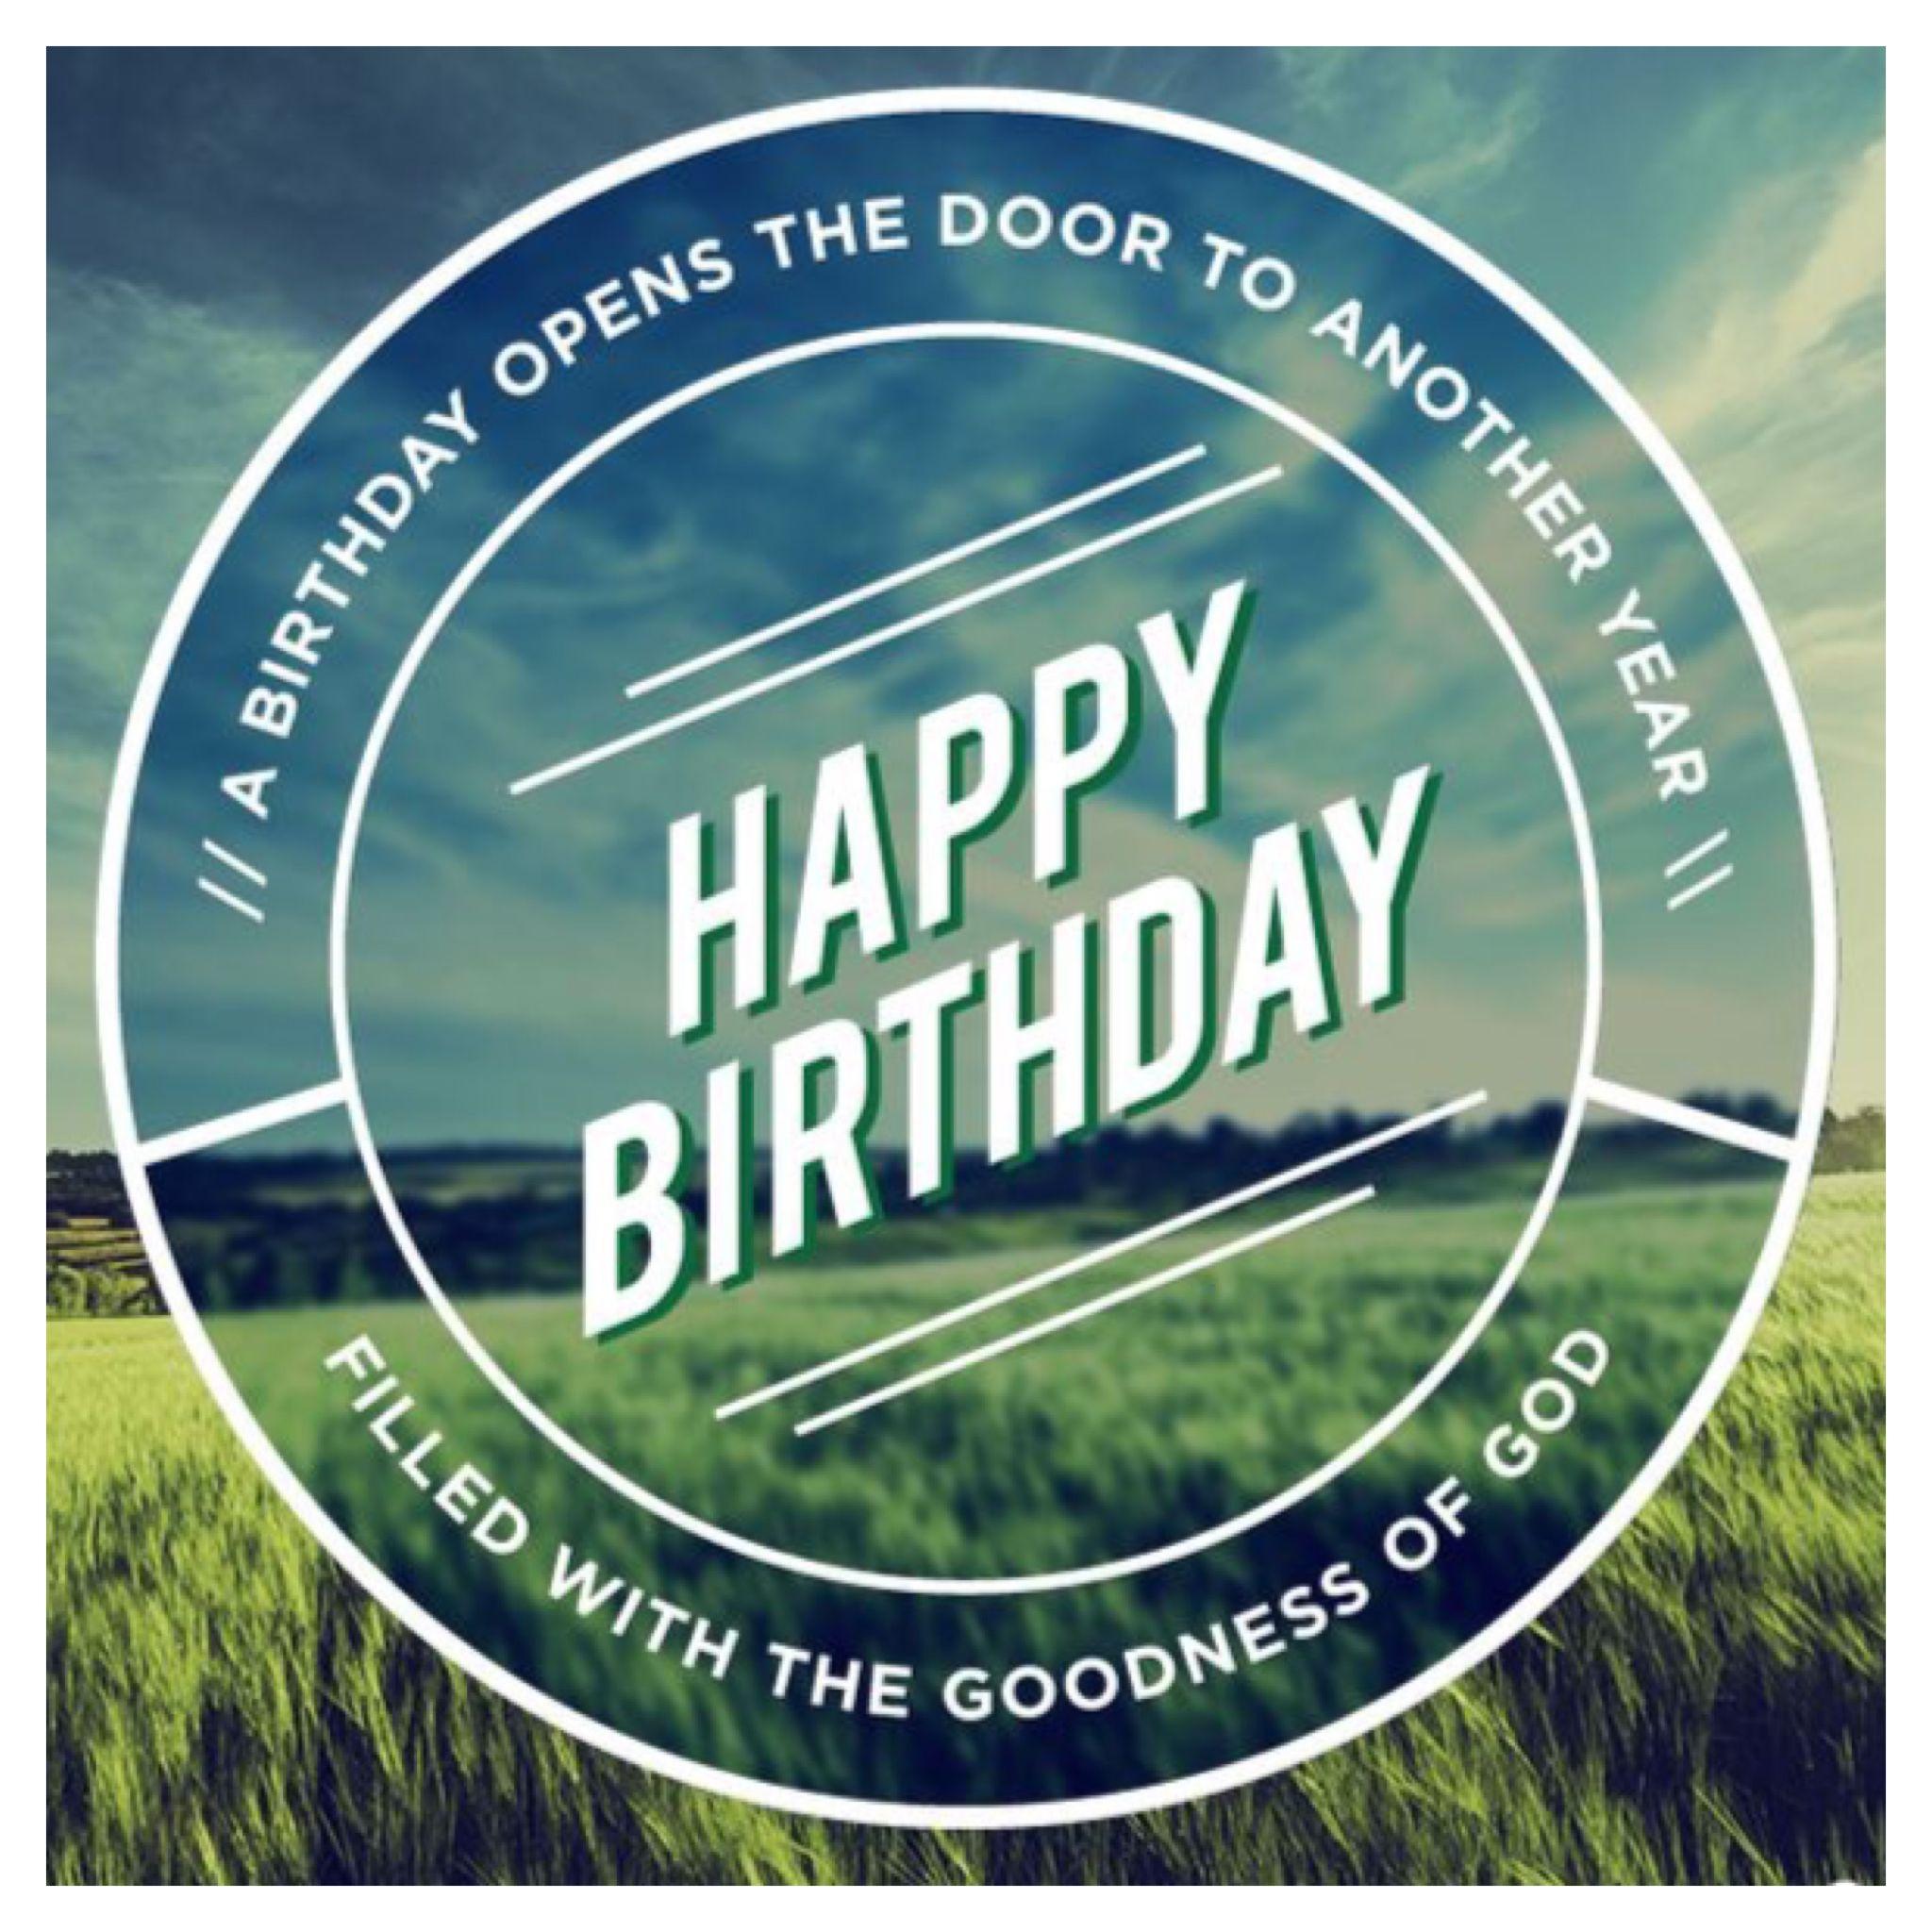 Pin By Katrina Betts On Christian Happy Birthday